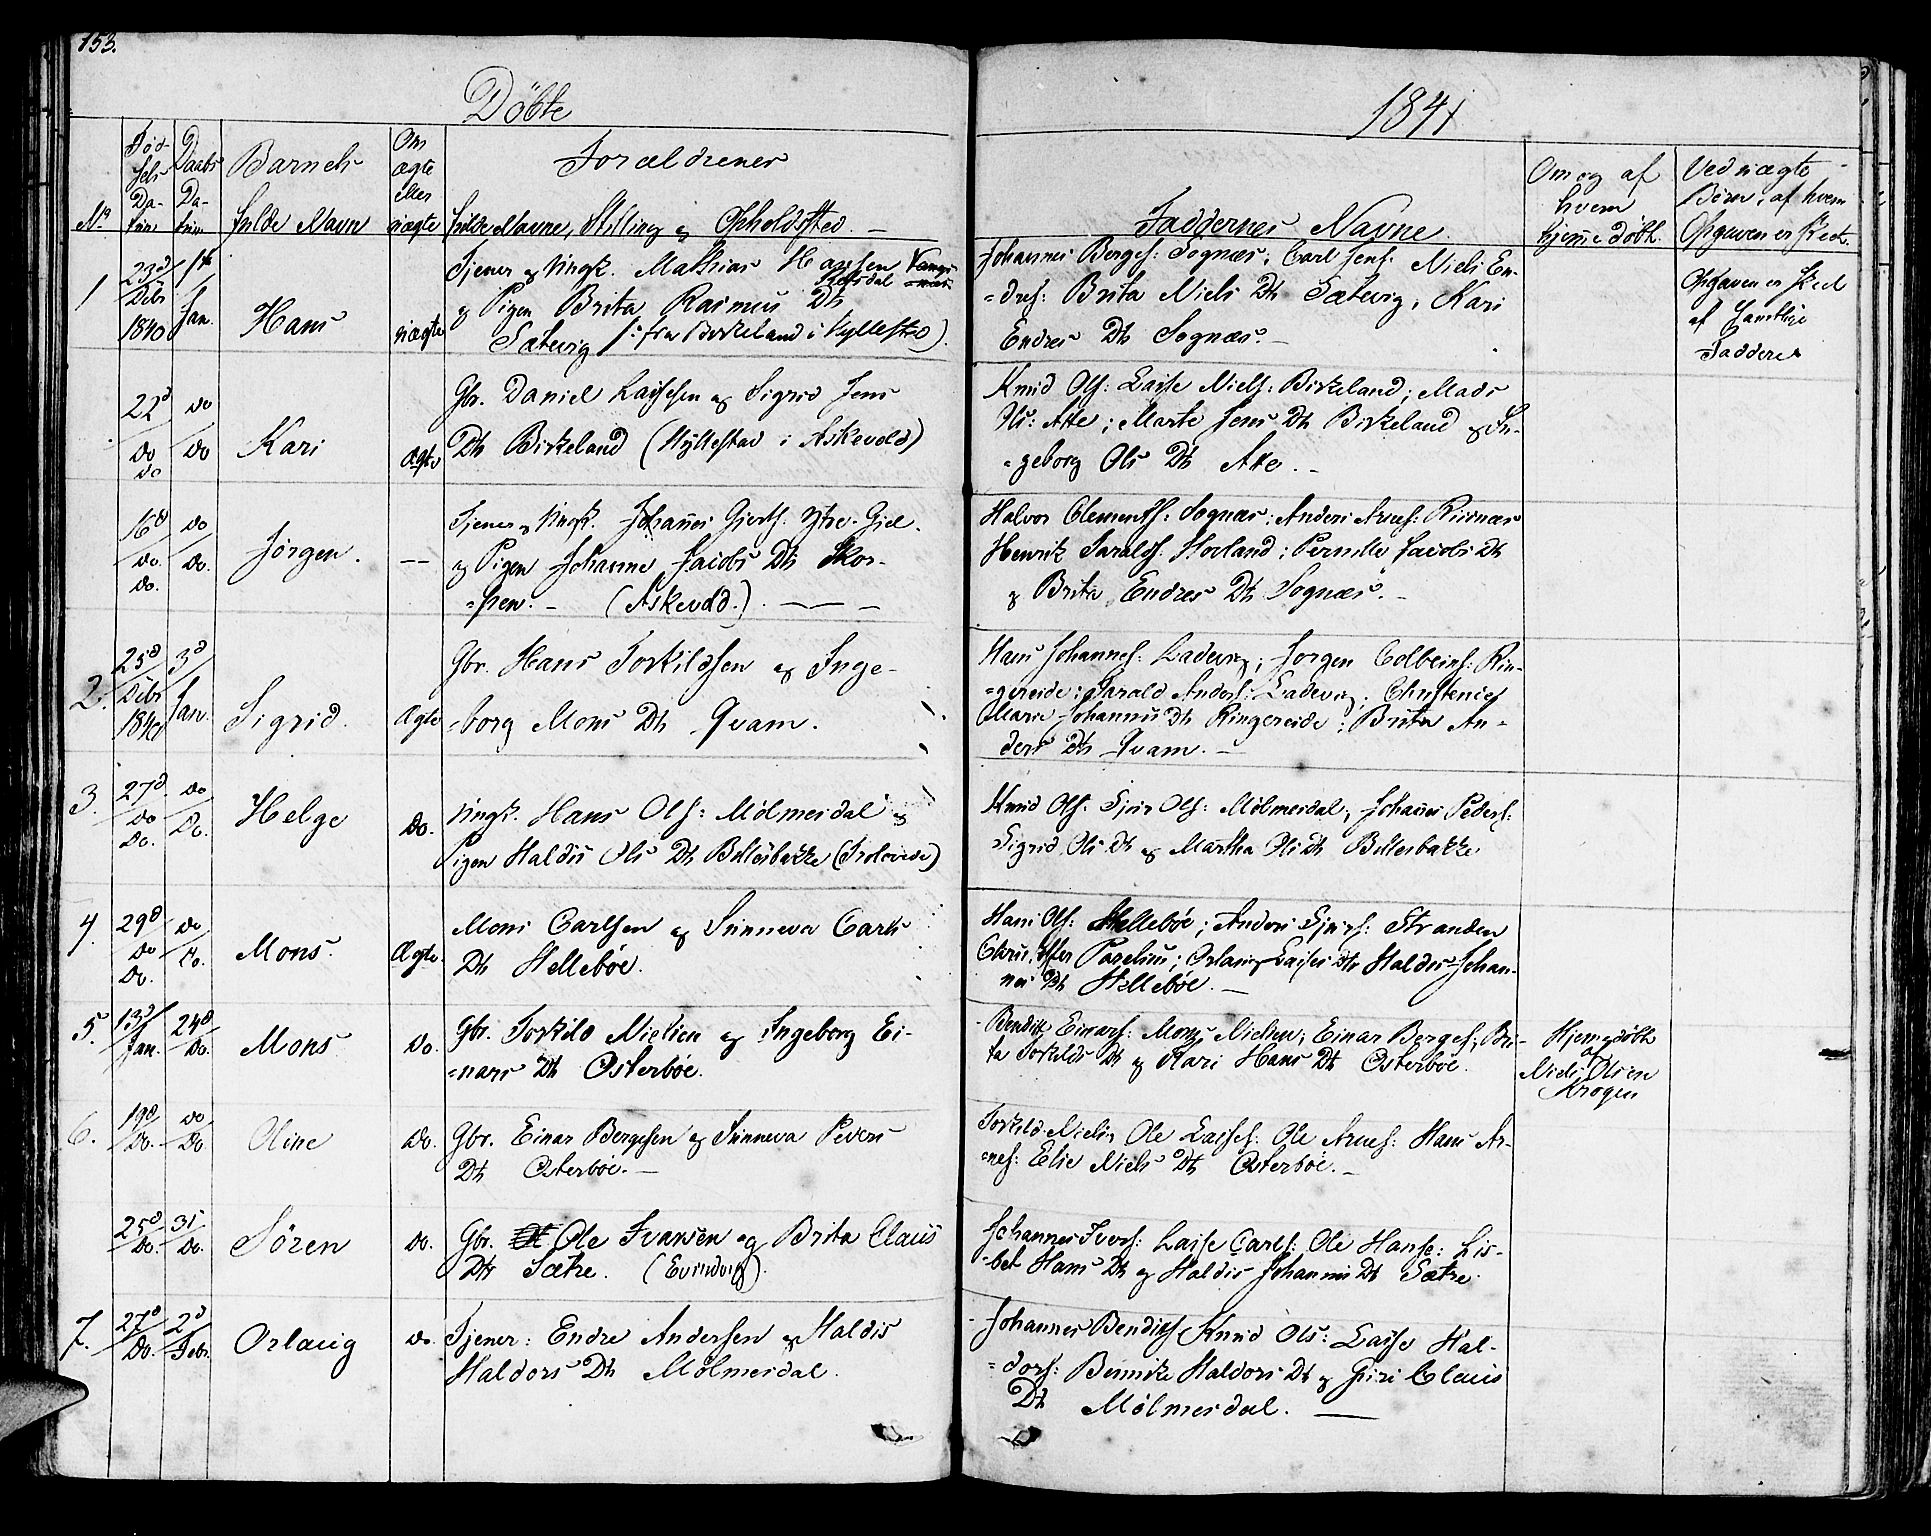 SAB, Lavik sokneprestembete, Ministerialbok nr. A 2I, 1821-1842, s. 153